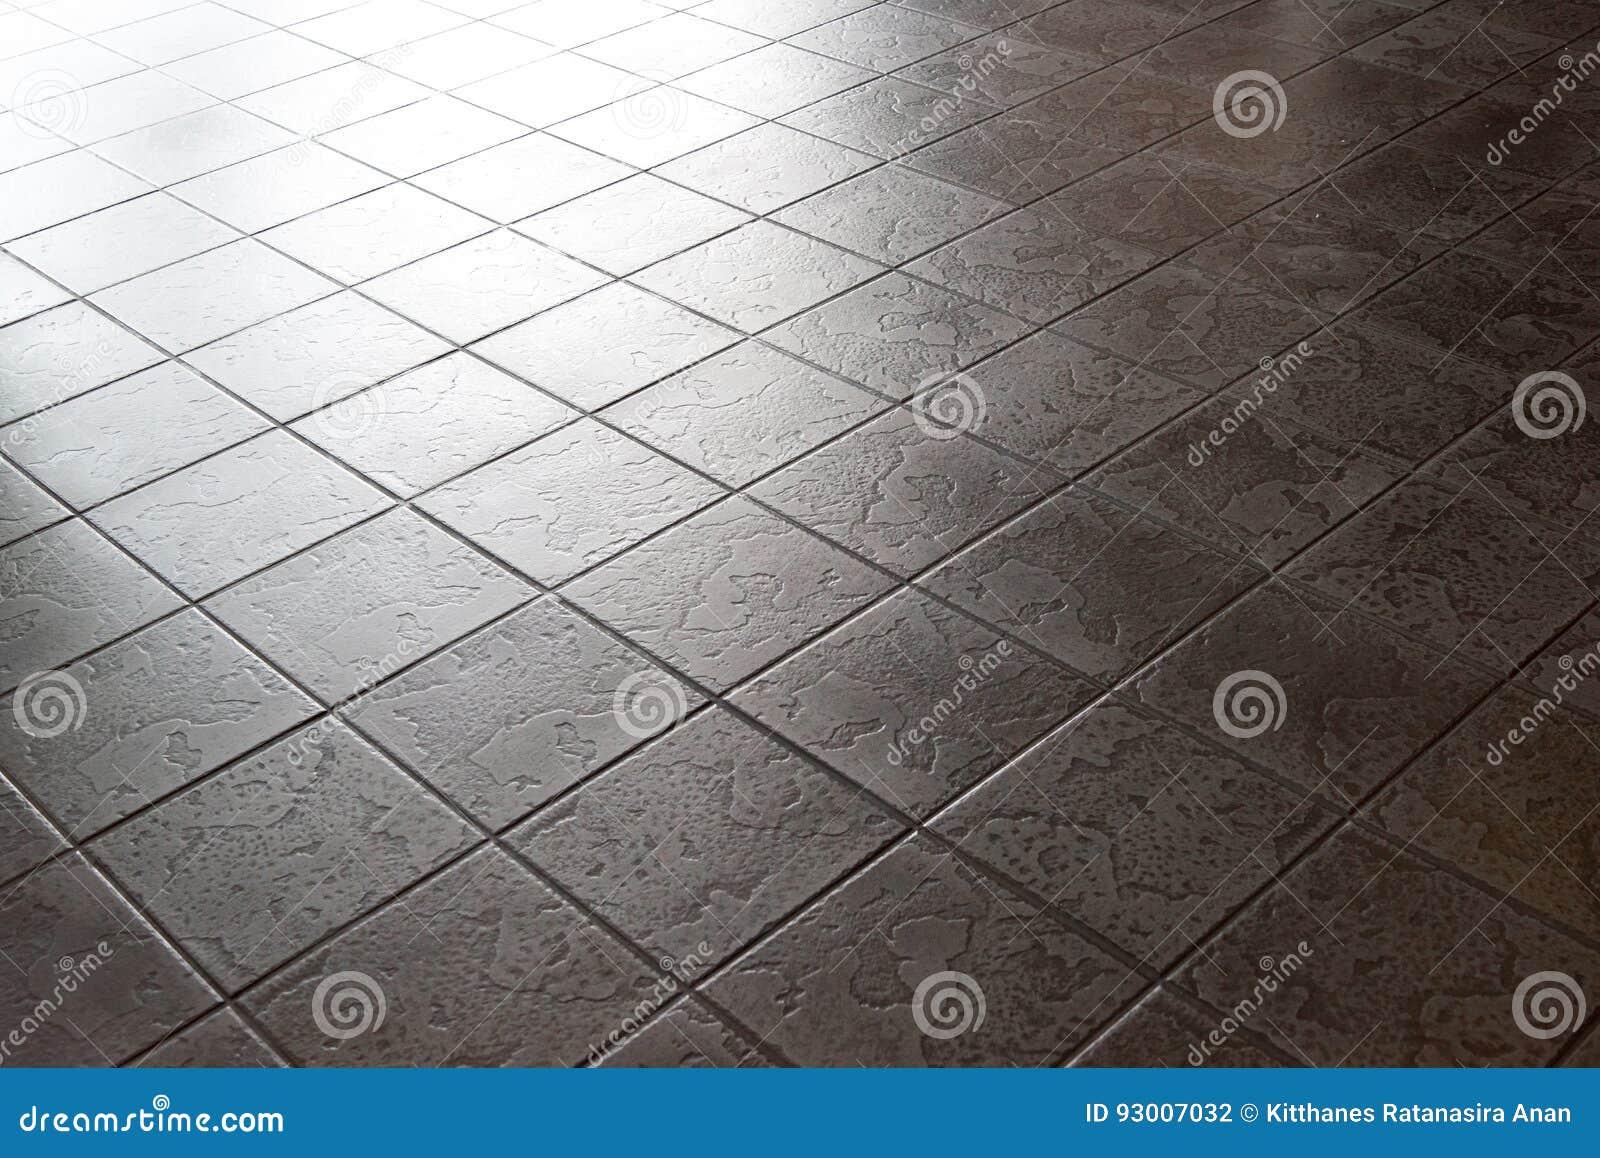 Superficie della piastrella di ceramica pavimento modello di